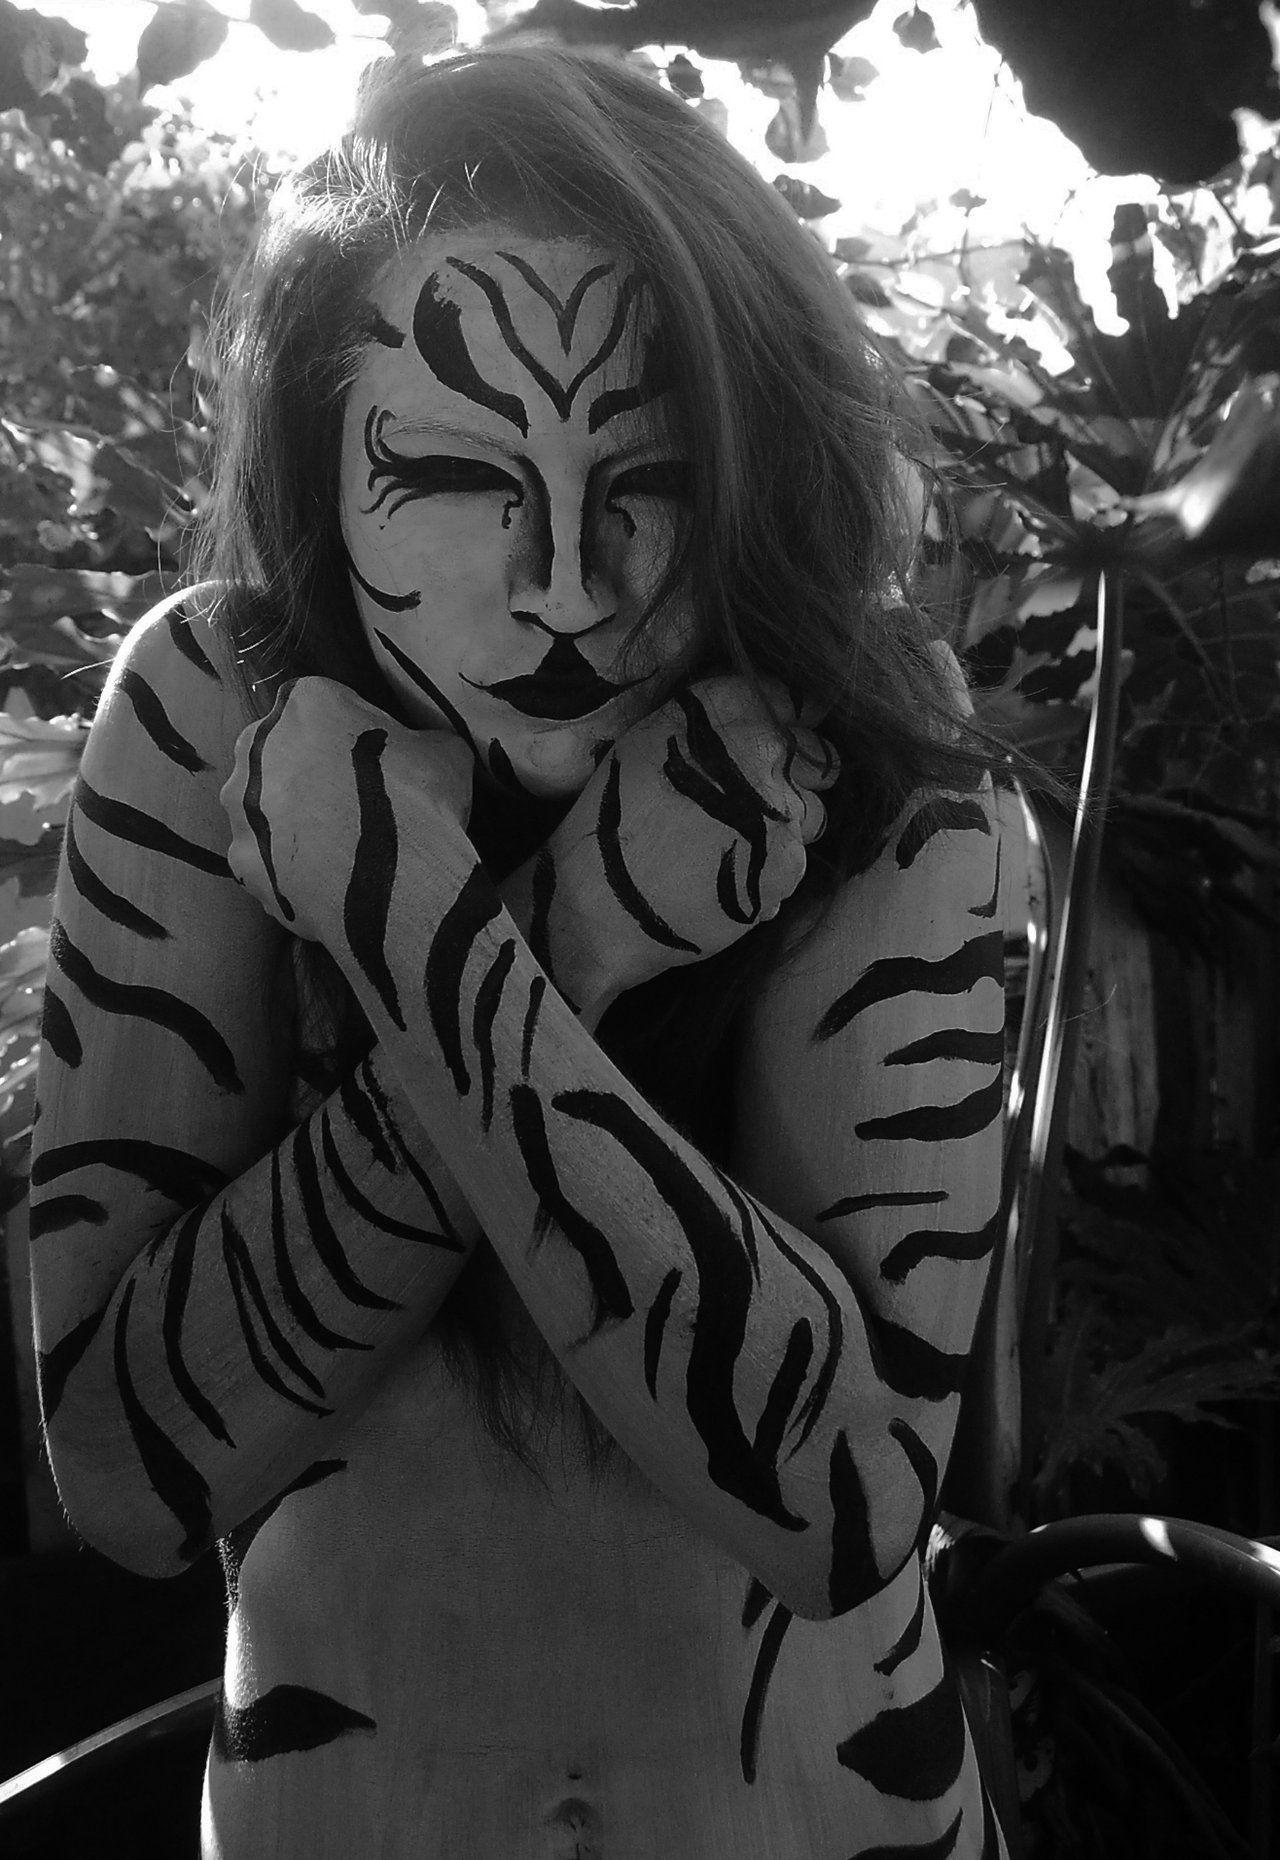 tigresa blanca by tijuana69.deviantart.com on @deviantART